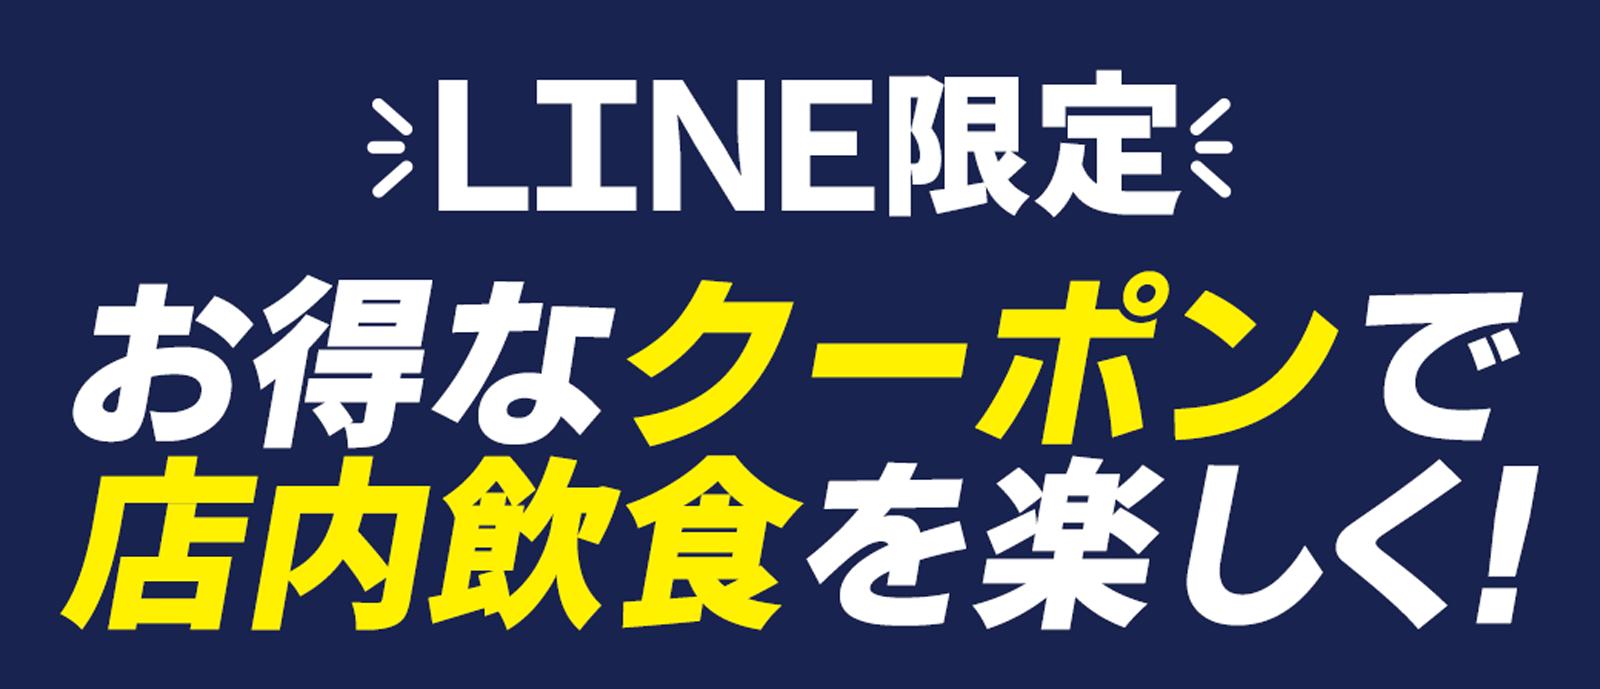 モンテローザ【LINE限定】お得なクーポンで店内飲食を楽しもう!